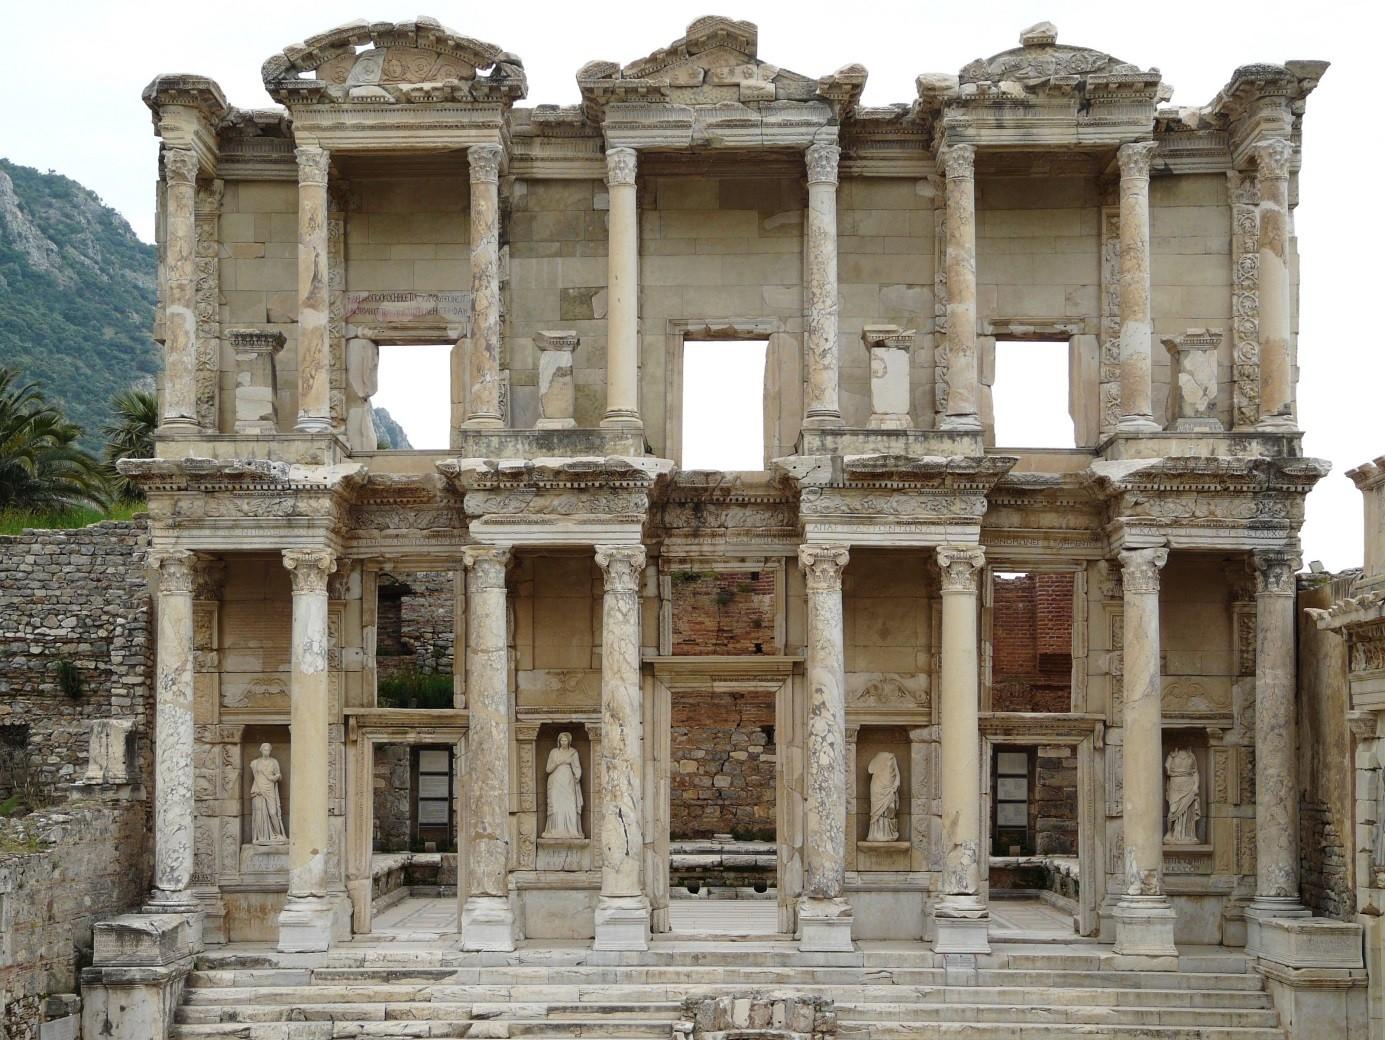 türkiye'deki gezilecek tarihi alanlar